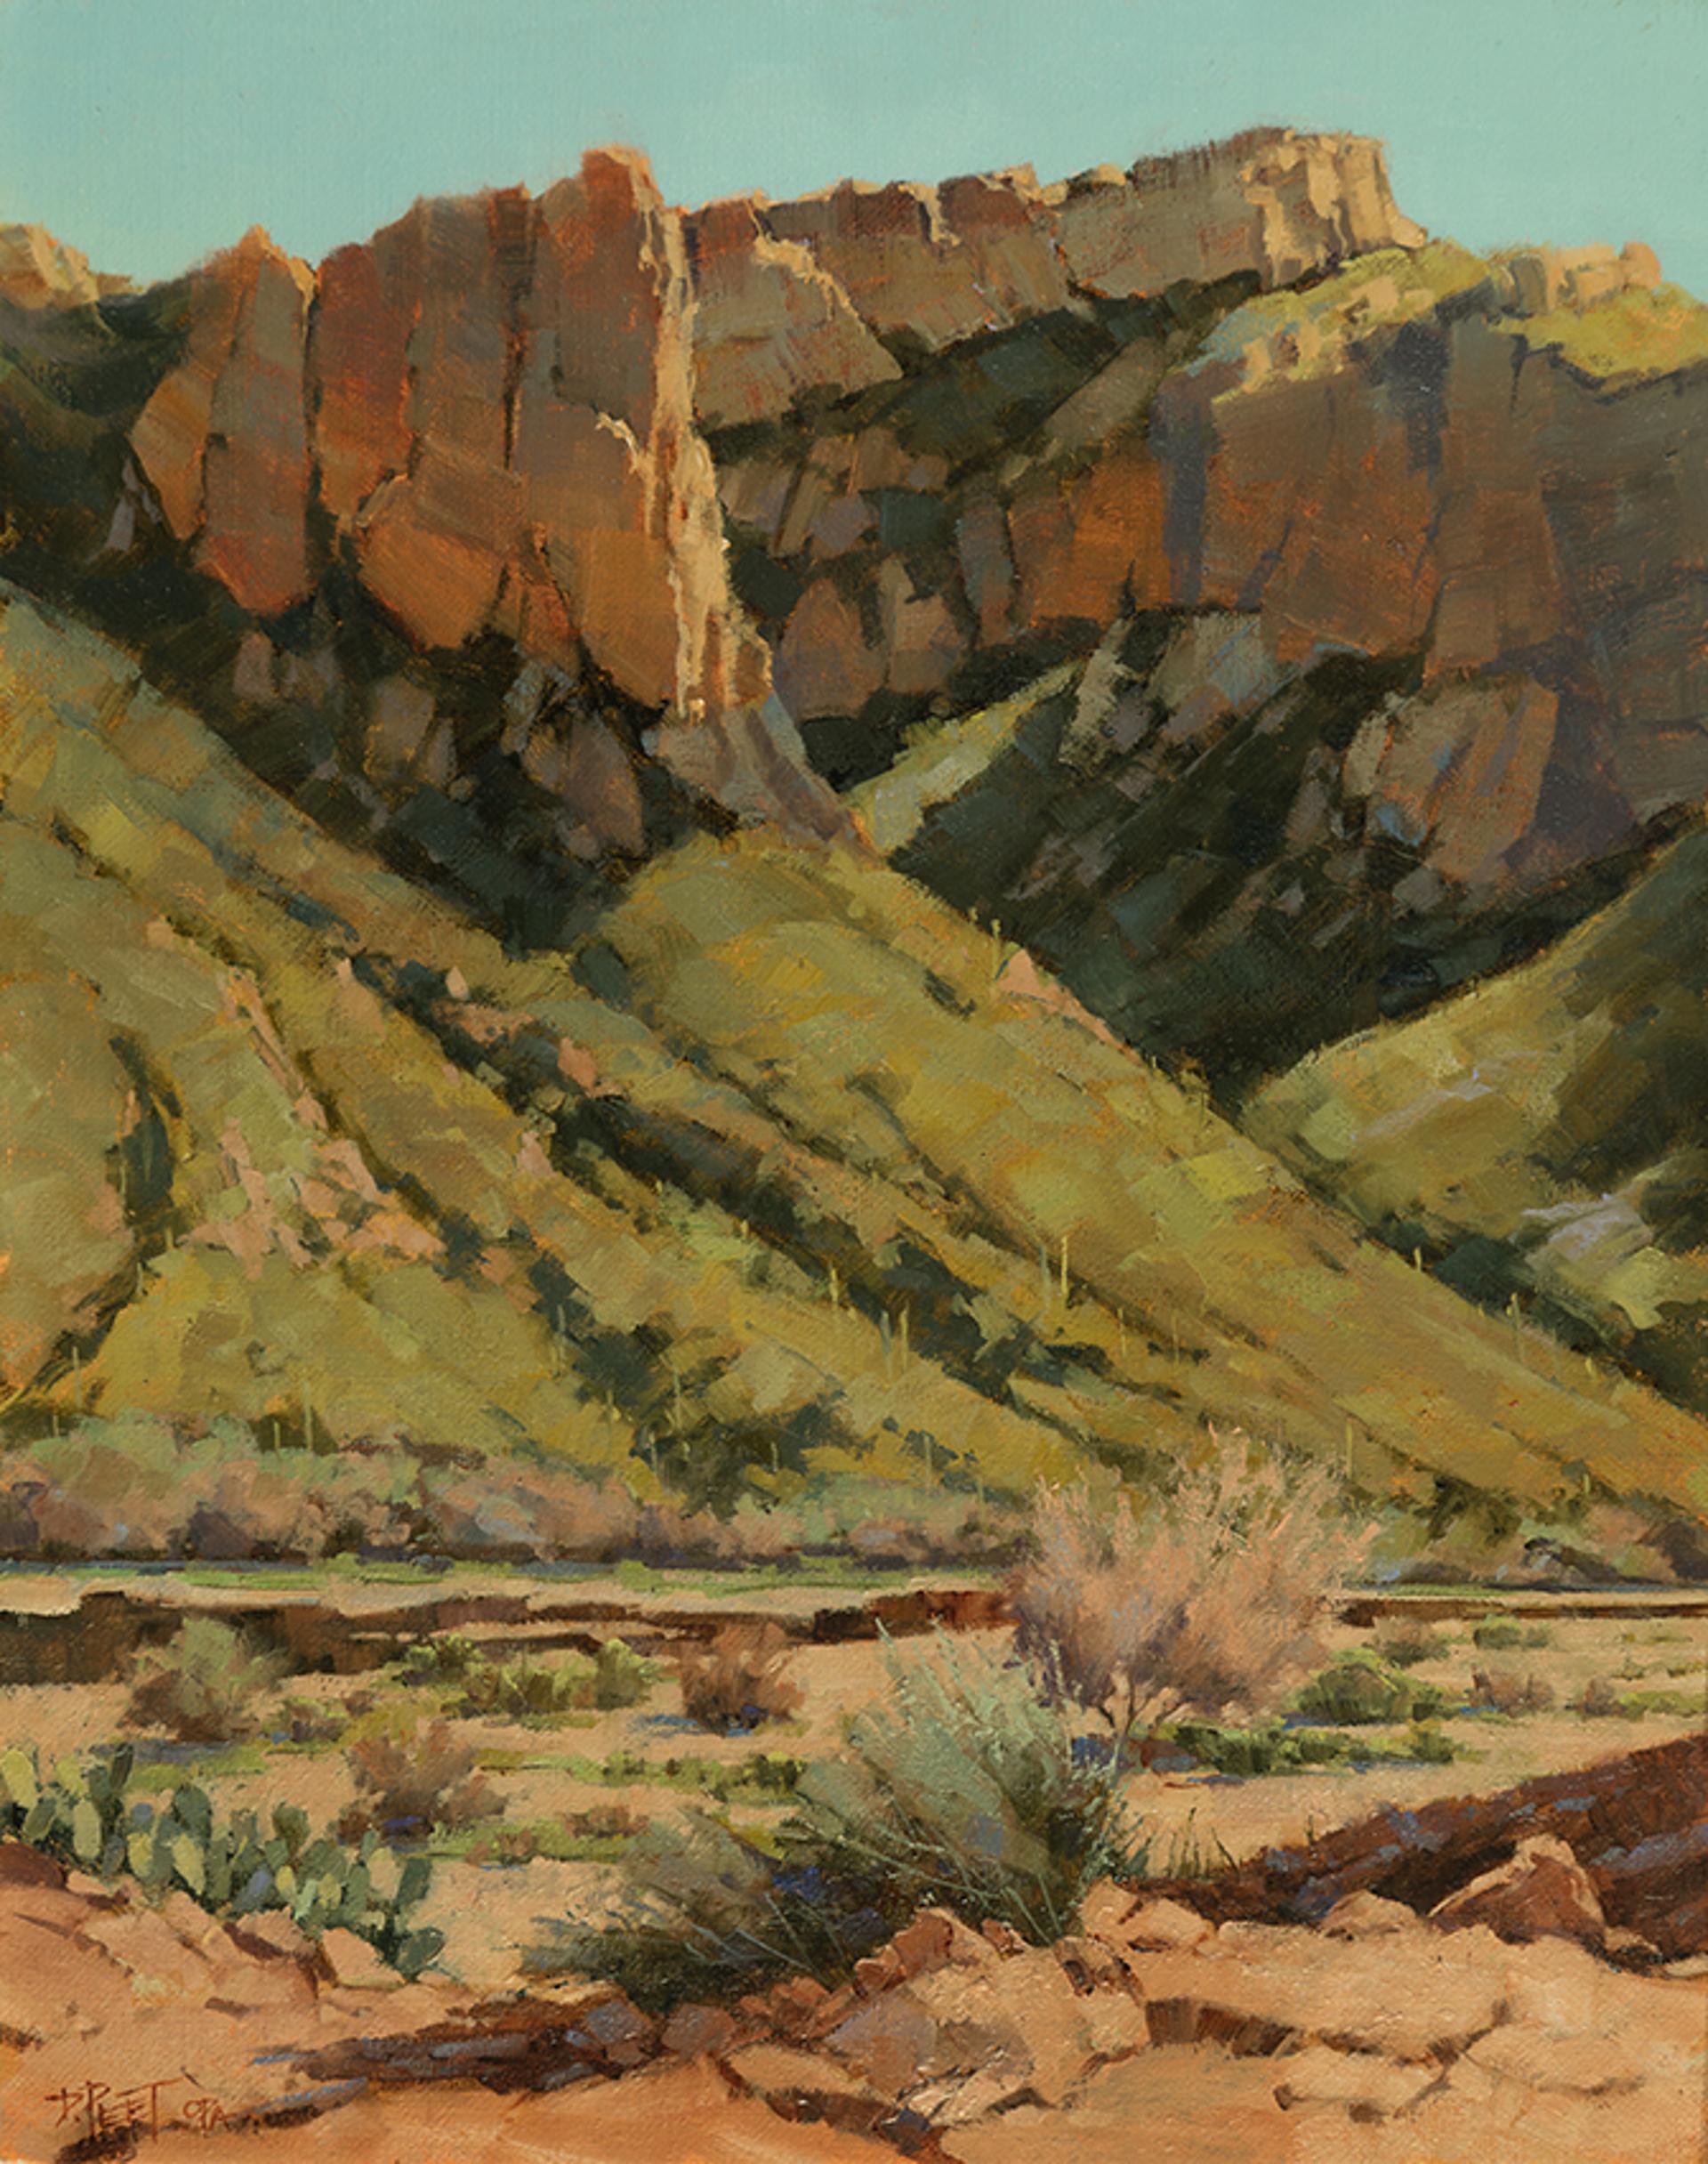 Sunblazed Canyon by Darcie Peet